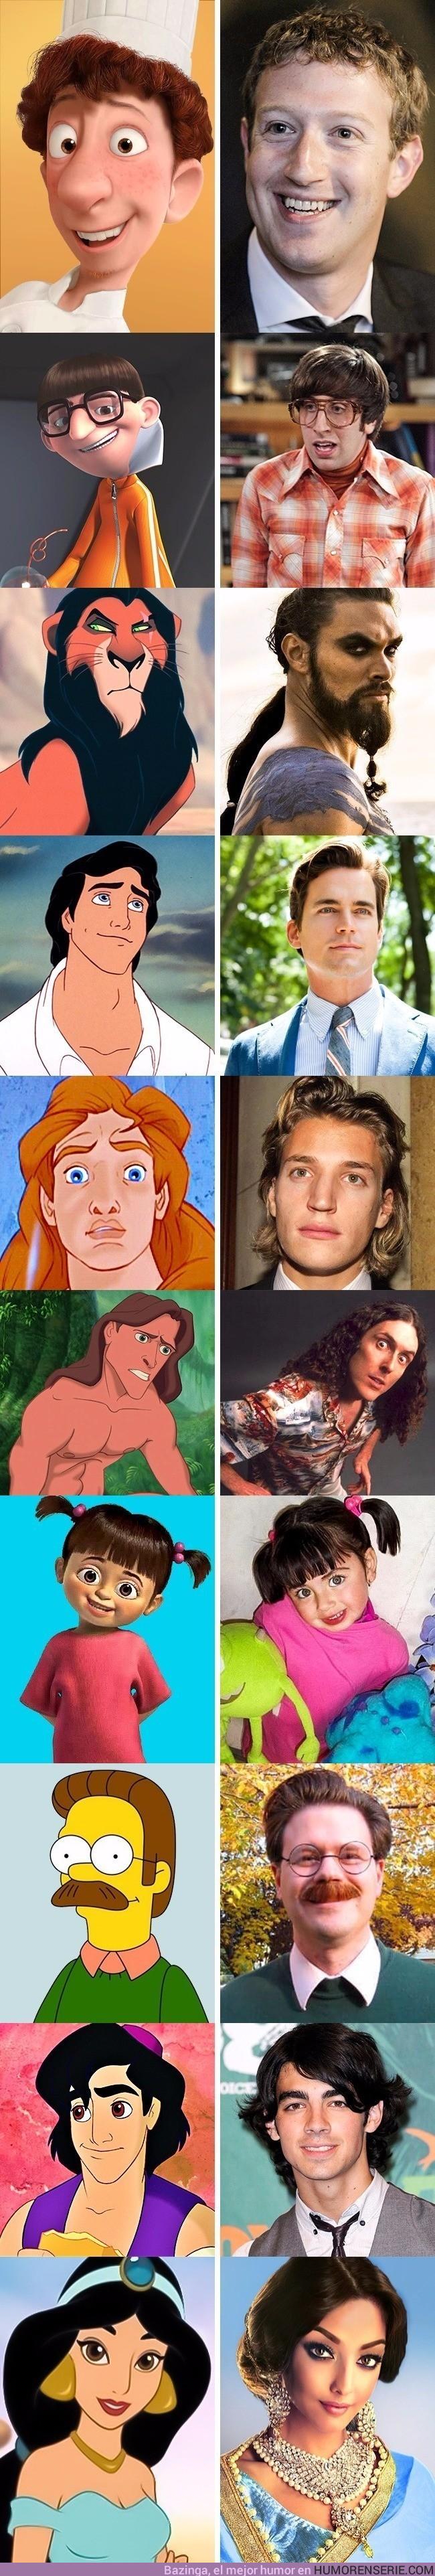 16501 - 10 Personas que se parecen como dos gotas de agua a personajes de películas animadas